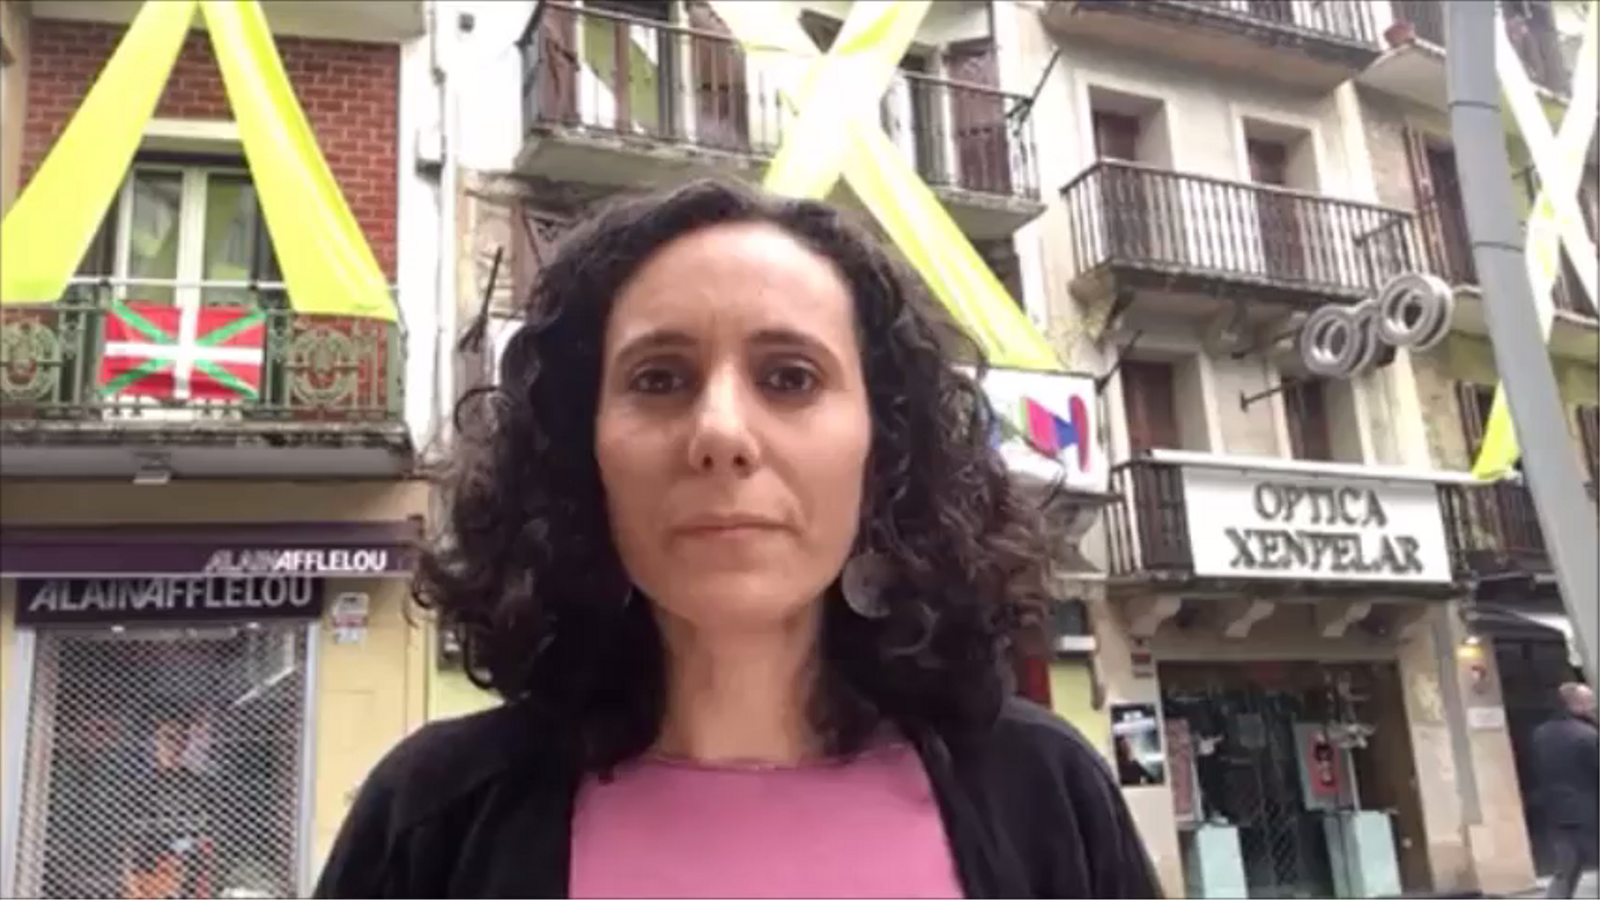 La dreta espanyola porta la campanya al País Basc i utilitza ETA per atacar Pedro Sánchez